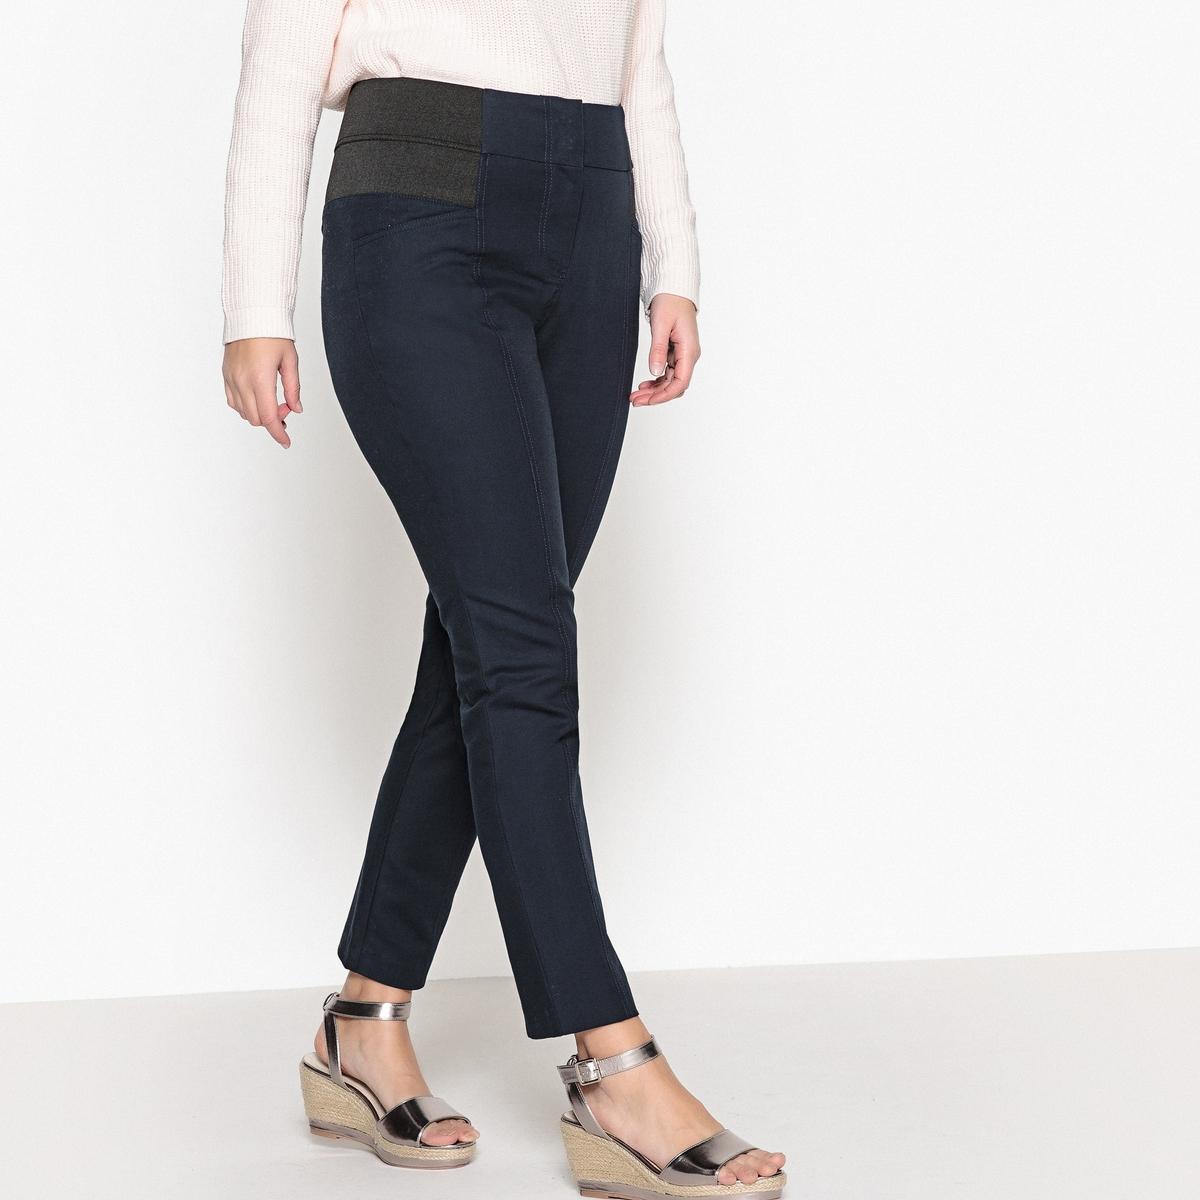 Брюки зауженныеТовар из коллекции больших размеров. Приятный материал, комфортный пояс… брюки, совершенствующие ваш силуэт! Еще более облегающий, комфортный и тянущийся материал, 97% хлопка и 3% эластана. Брюки не мнутся и прекрасно сидят. Высокий ультракомфортный пояс с 2 большими эластичными вставками по бокам моделирует силуэт и обеспечивает прекрасную посадку брюк. Застежка на молнию и крючок. Карманы спереди. Хитрость: швы спереди стройнят ноги! Длина по внутр.шву 78 см, ширина по низу 16 см. См.таблицу размеров Taillissime.<br><br>Цвет: синий морской,черный<br>Размер: 46 (FR) - 52 (RUS).44 (FR) - 50 (RUS).56 (FR) - 62 (RUS).54 (FR) - 60 (RUS).52 (FR) - 58 (RUS).58 (FR) - 64 (RUS).46 (FR) - 52 (RUS).44 (FR) - 50 (RUS).50 (FR) - 56 (RUS).54 (FR) - 60 (RUS).42 (FR) - 48 (RUS).58 (FR) - 64 (RUS).62 (FR) - 68 (RUS).50 (FR) - 56 (RUS).48 (FR) - 54 (RUS).60 (FR) - 66 (RUS).42 (FR) - 48 (RUS)